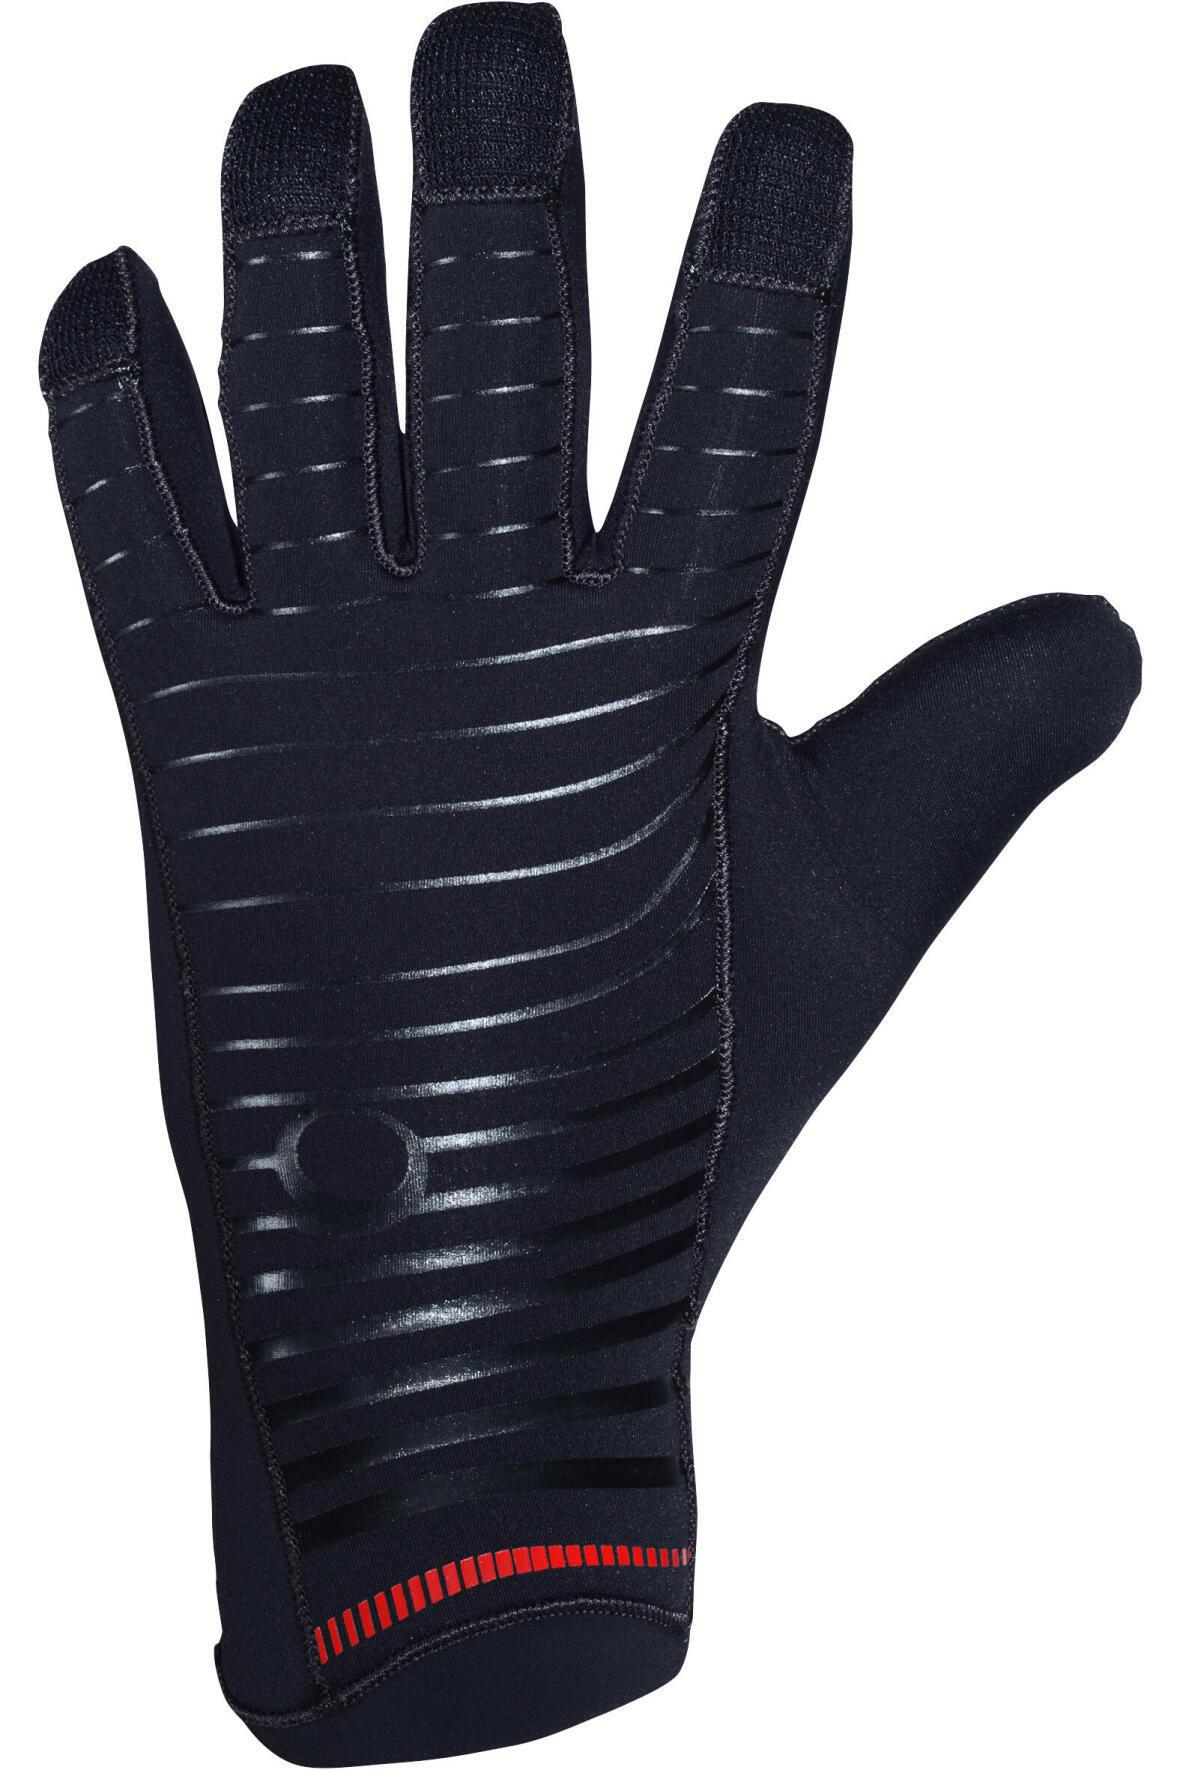 diving gloves scd 100 6 5mm